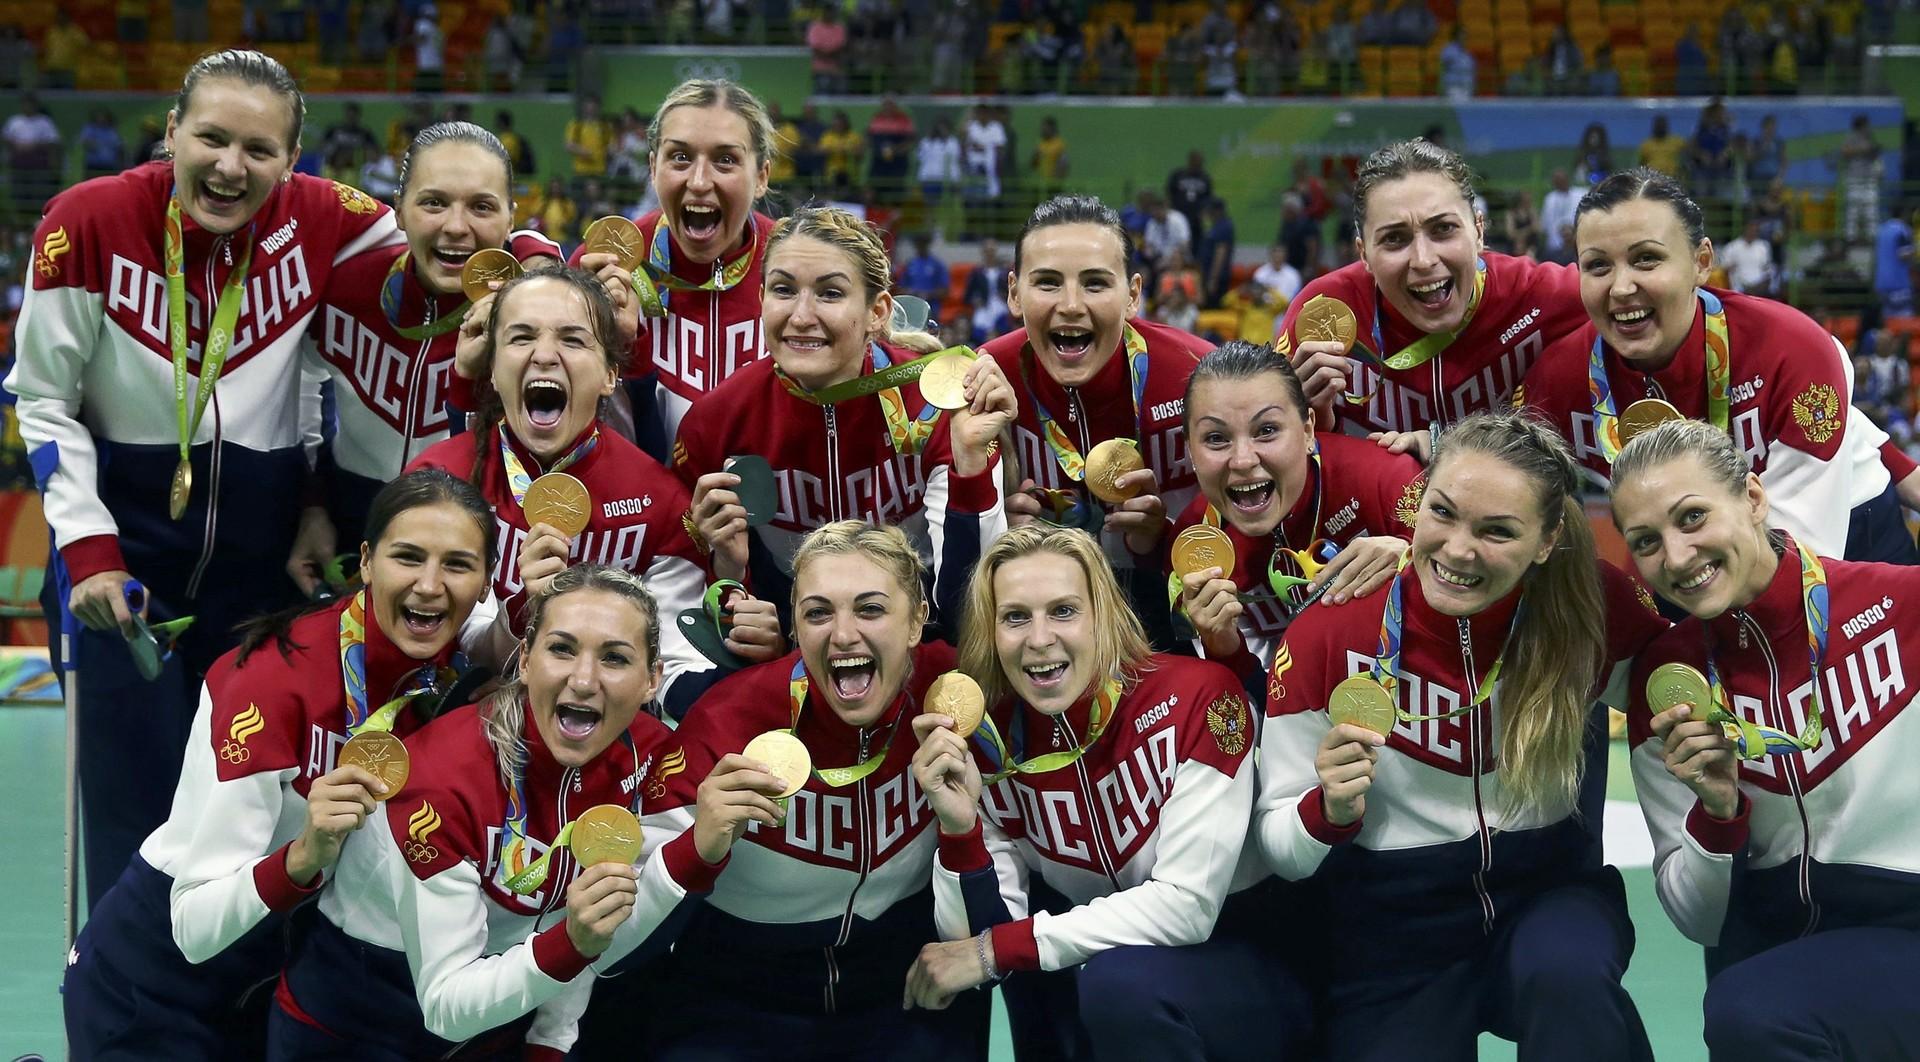 Российская команда по женскому гандболу позирует фотографам во время церемонии награждения победителей